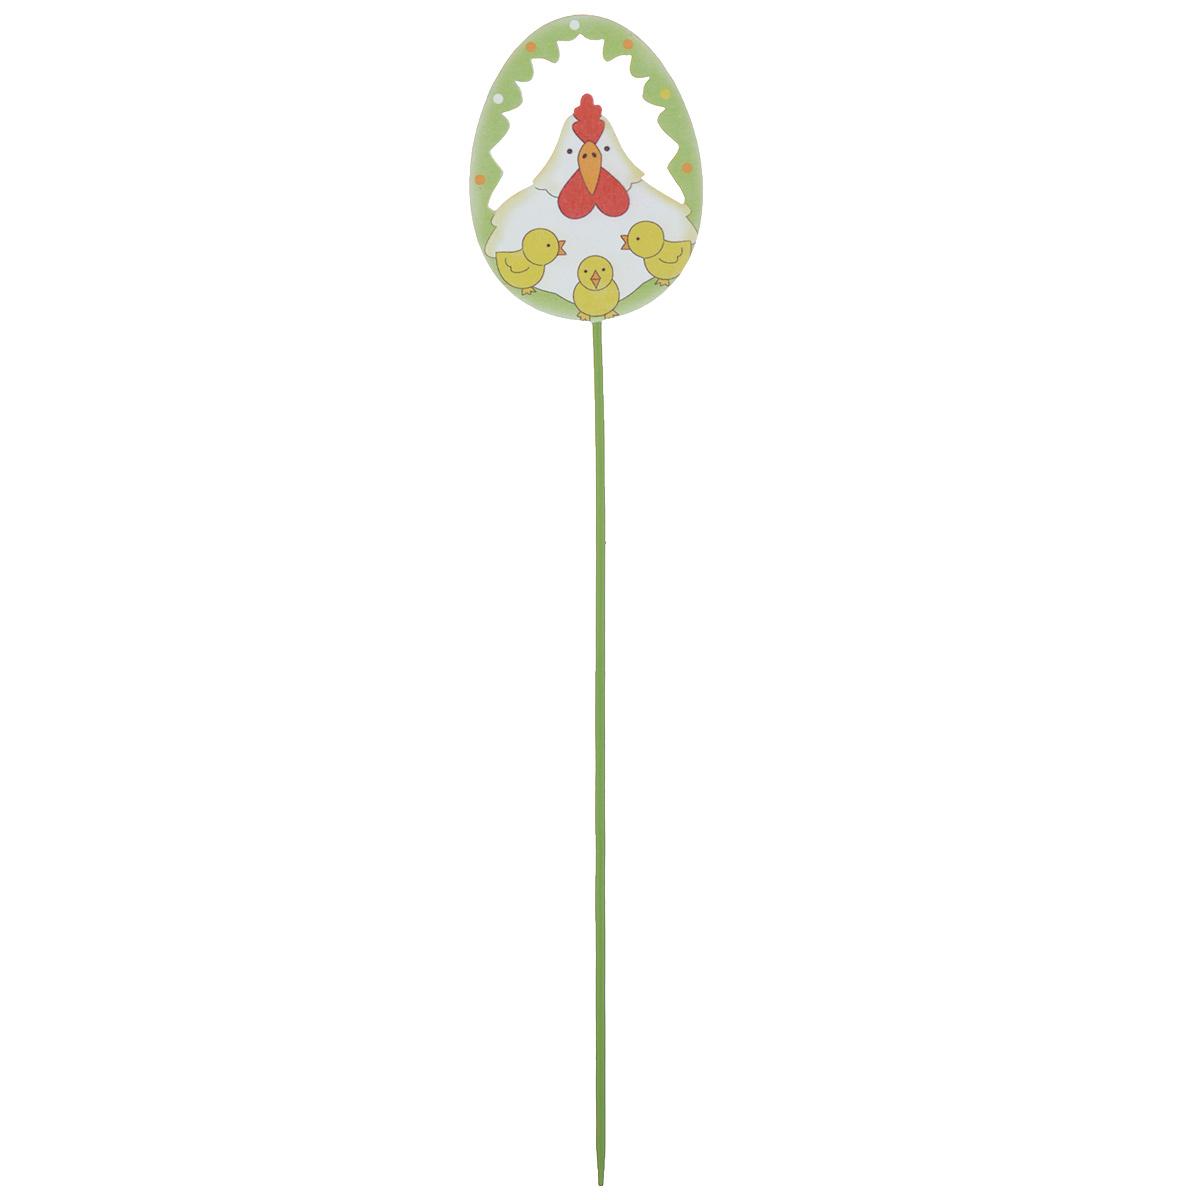 Декоративное украшение на ножке Home Queen Веселье. Курица, цвет: белый, зеленый, высота 26,5 смNLED-454-9W-BKУкрашение пасхальное Home Queen Веселье. Курица изготовлено из дерева и предназначено для декорирования праздничного стола. Изделие выполнено в виде яйца на деревянной шпажке с перфорацией в виде курицы. Такое украшение прекрасно дополнит подарок для друзей и близких на Пасху. Высота: 26,5 см. Размер яйца: 6,5 см х 5 см х 0,5 см.